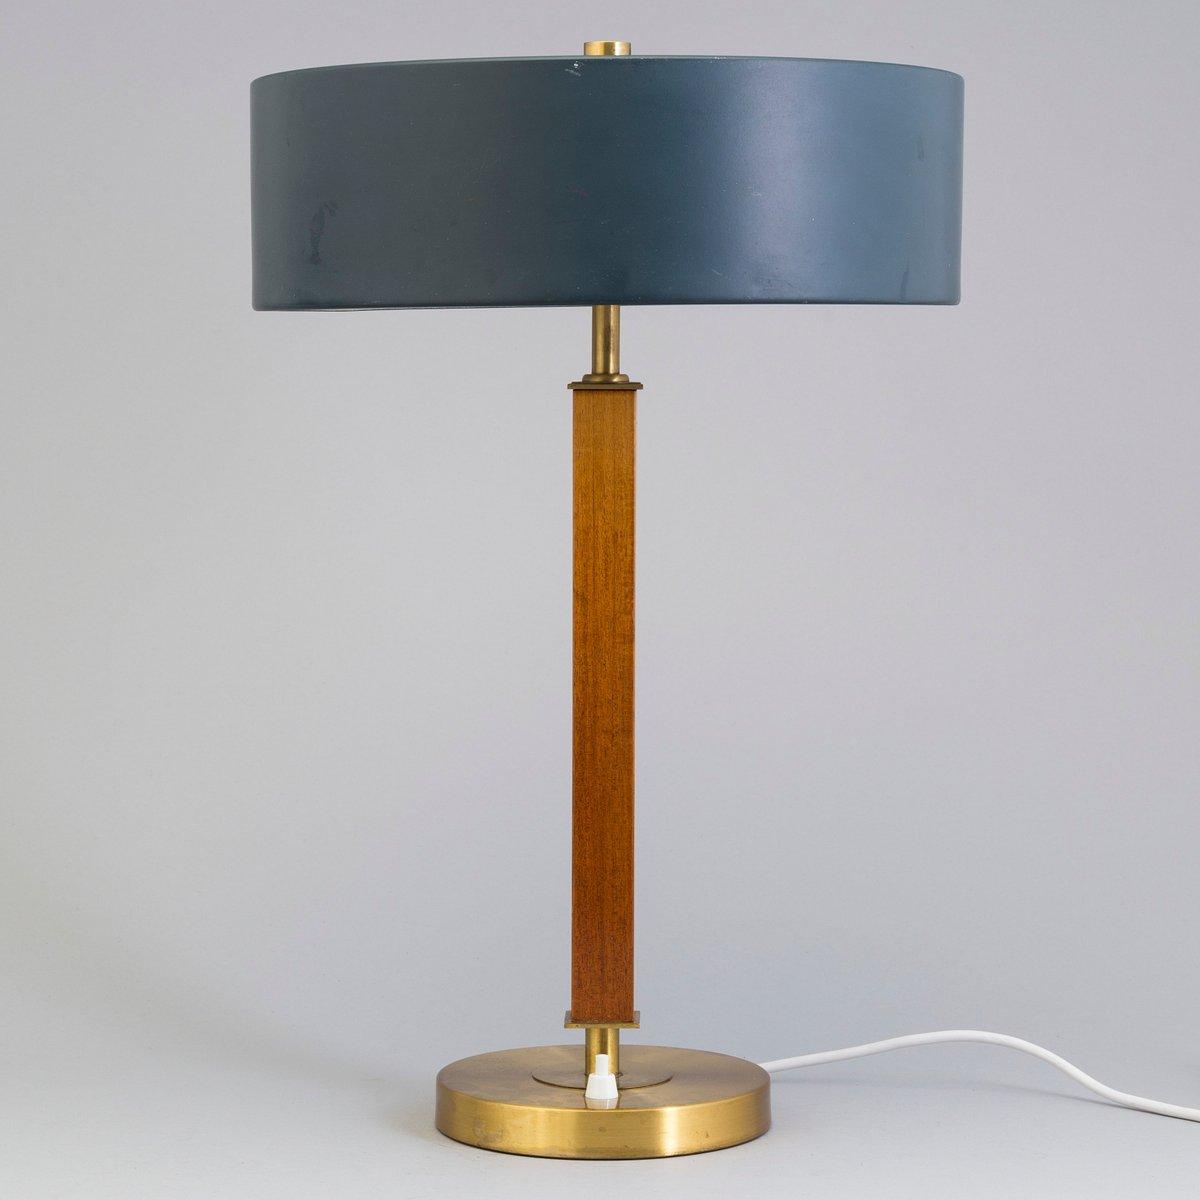 Tischlampe von Einar Backstrom, 1940er